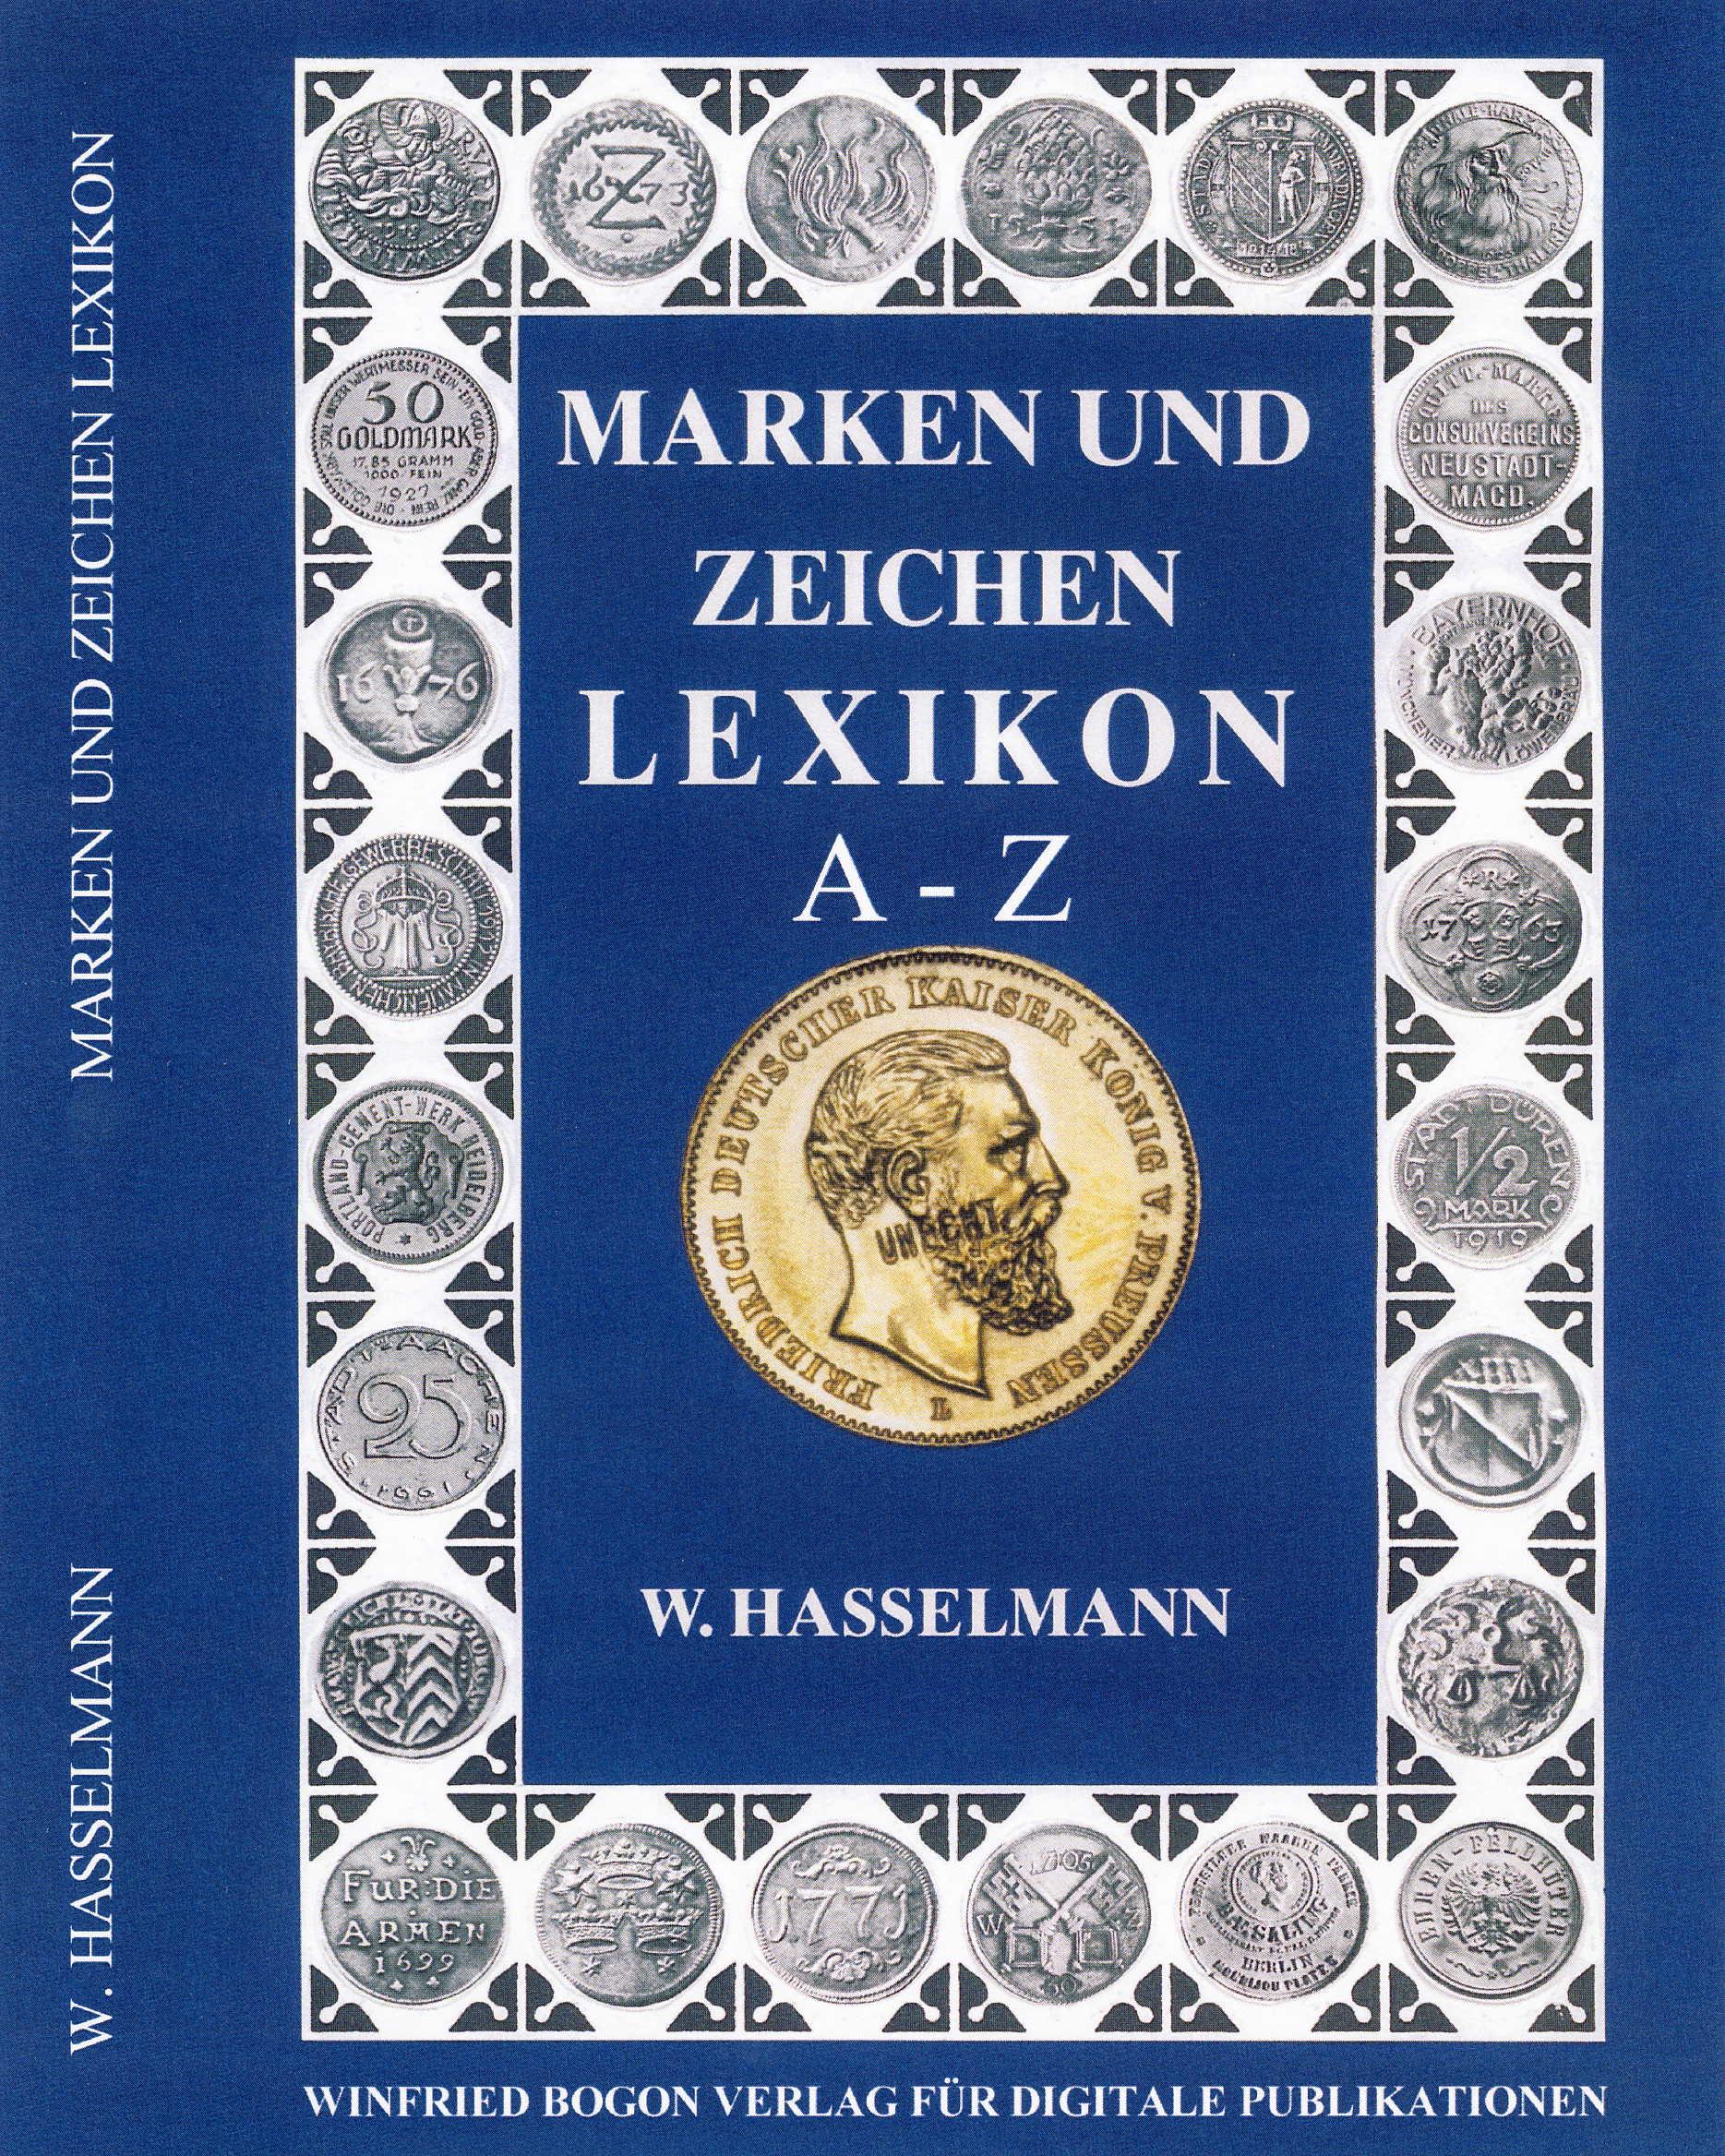 Hasselmann Marken und Zeichen Lexikon A-Z CD-ROM